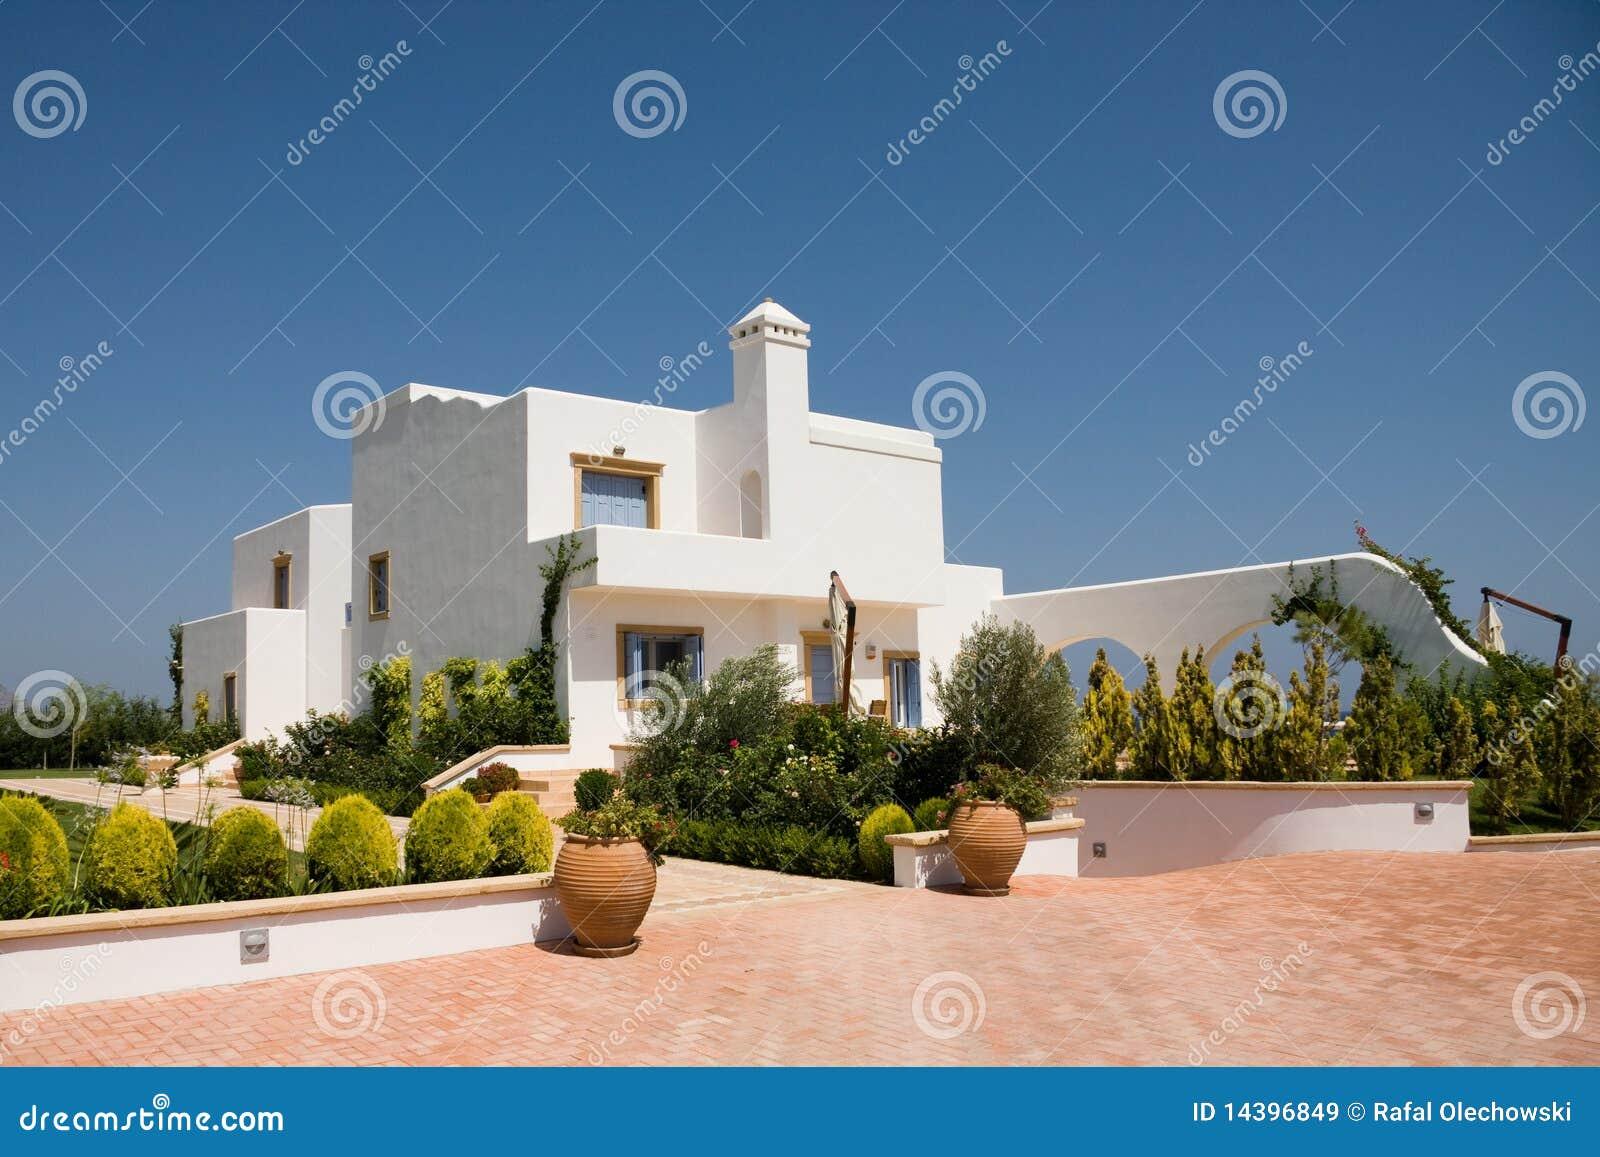 Modernes Luxuxhaus In Der Weißen Farbe Stockbild - Bild von luxus ...